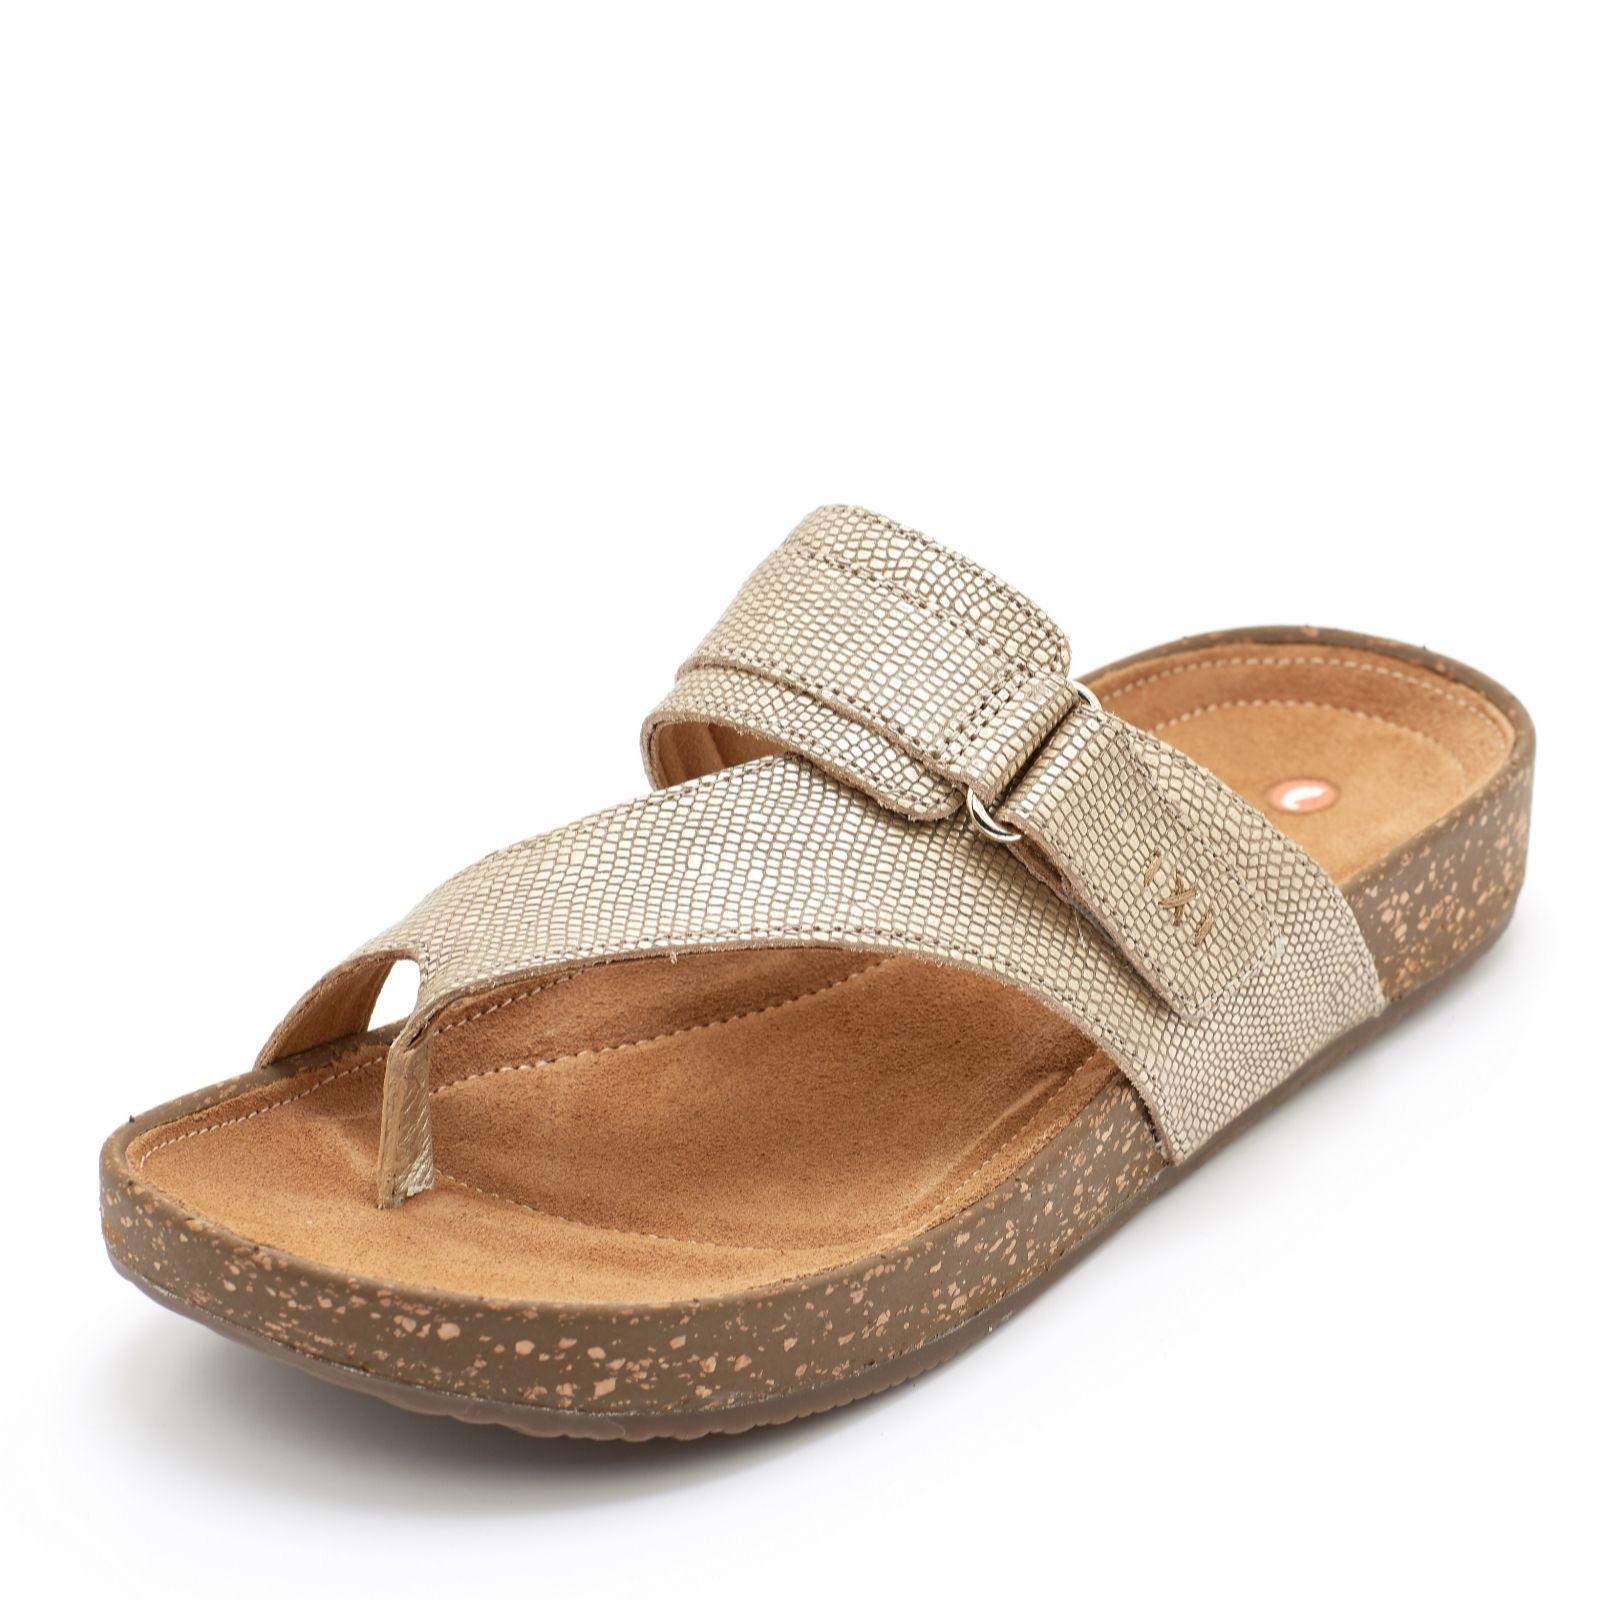 868a822126b9d9 Clarks Rosilla Durham Sandal Standard Fit - QVC UK